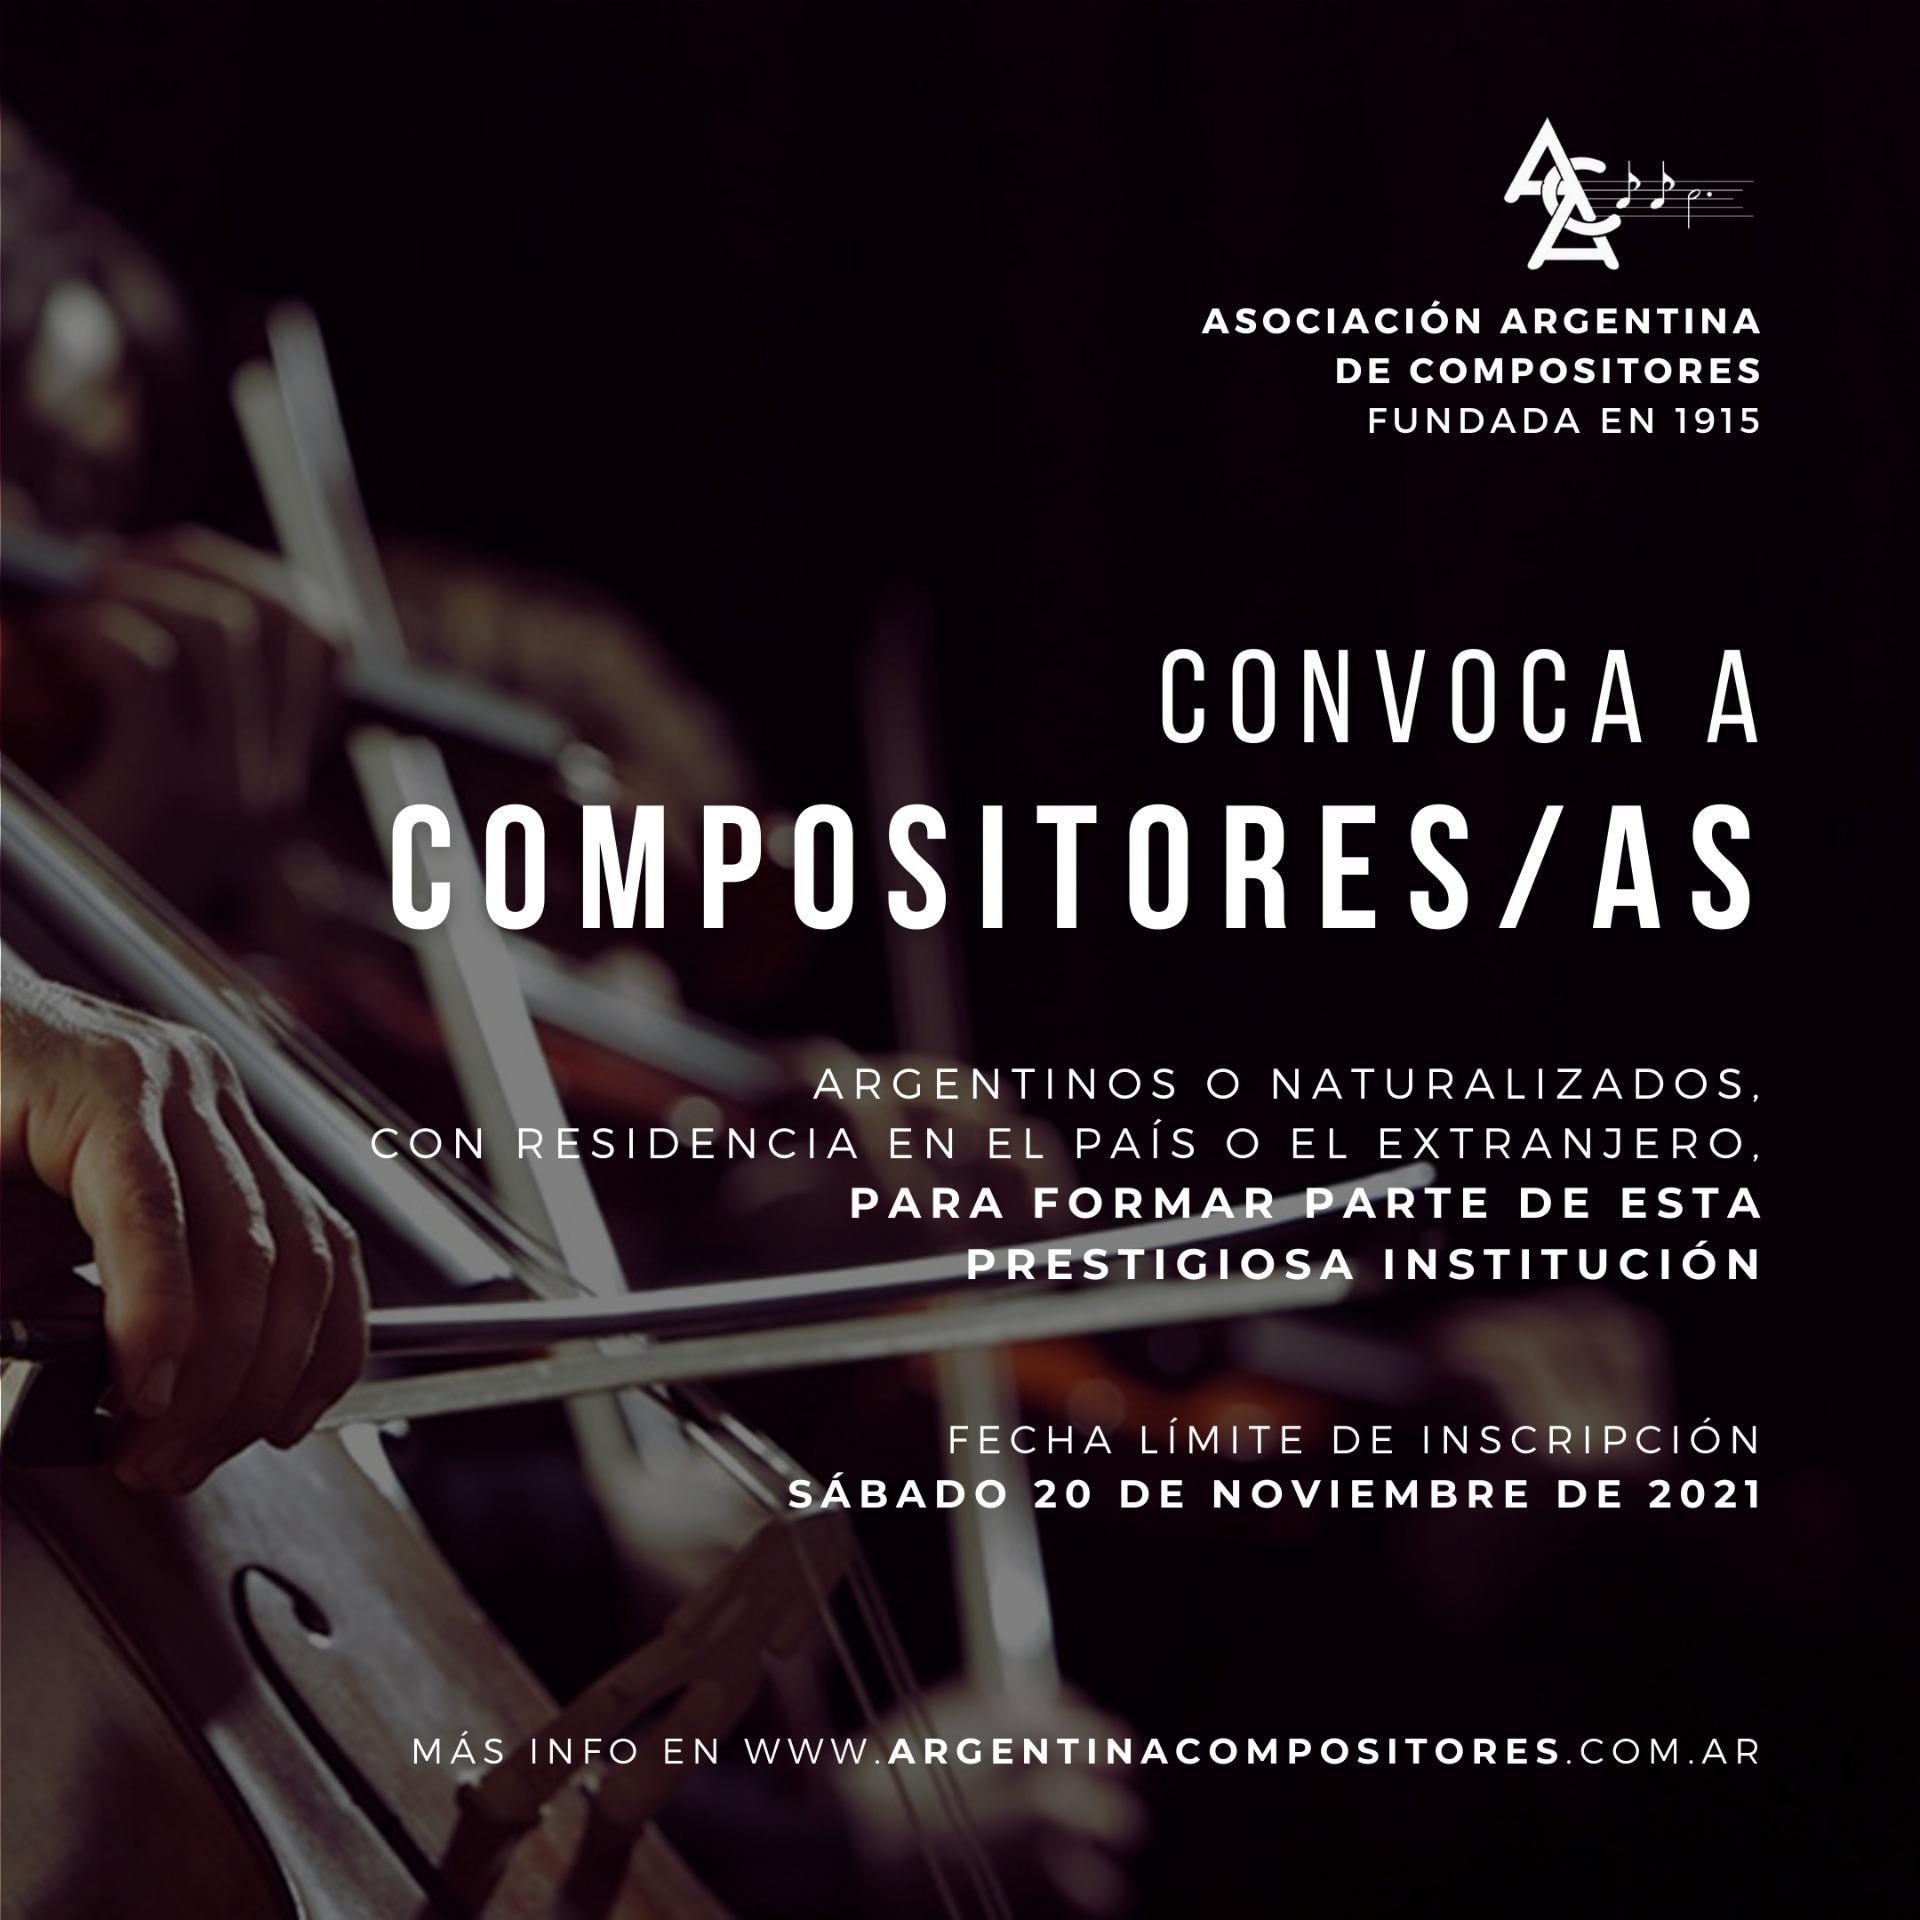 CONVOCAMOS A COMPOSITORES/AS